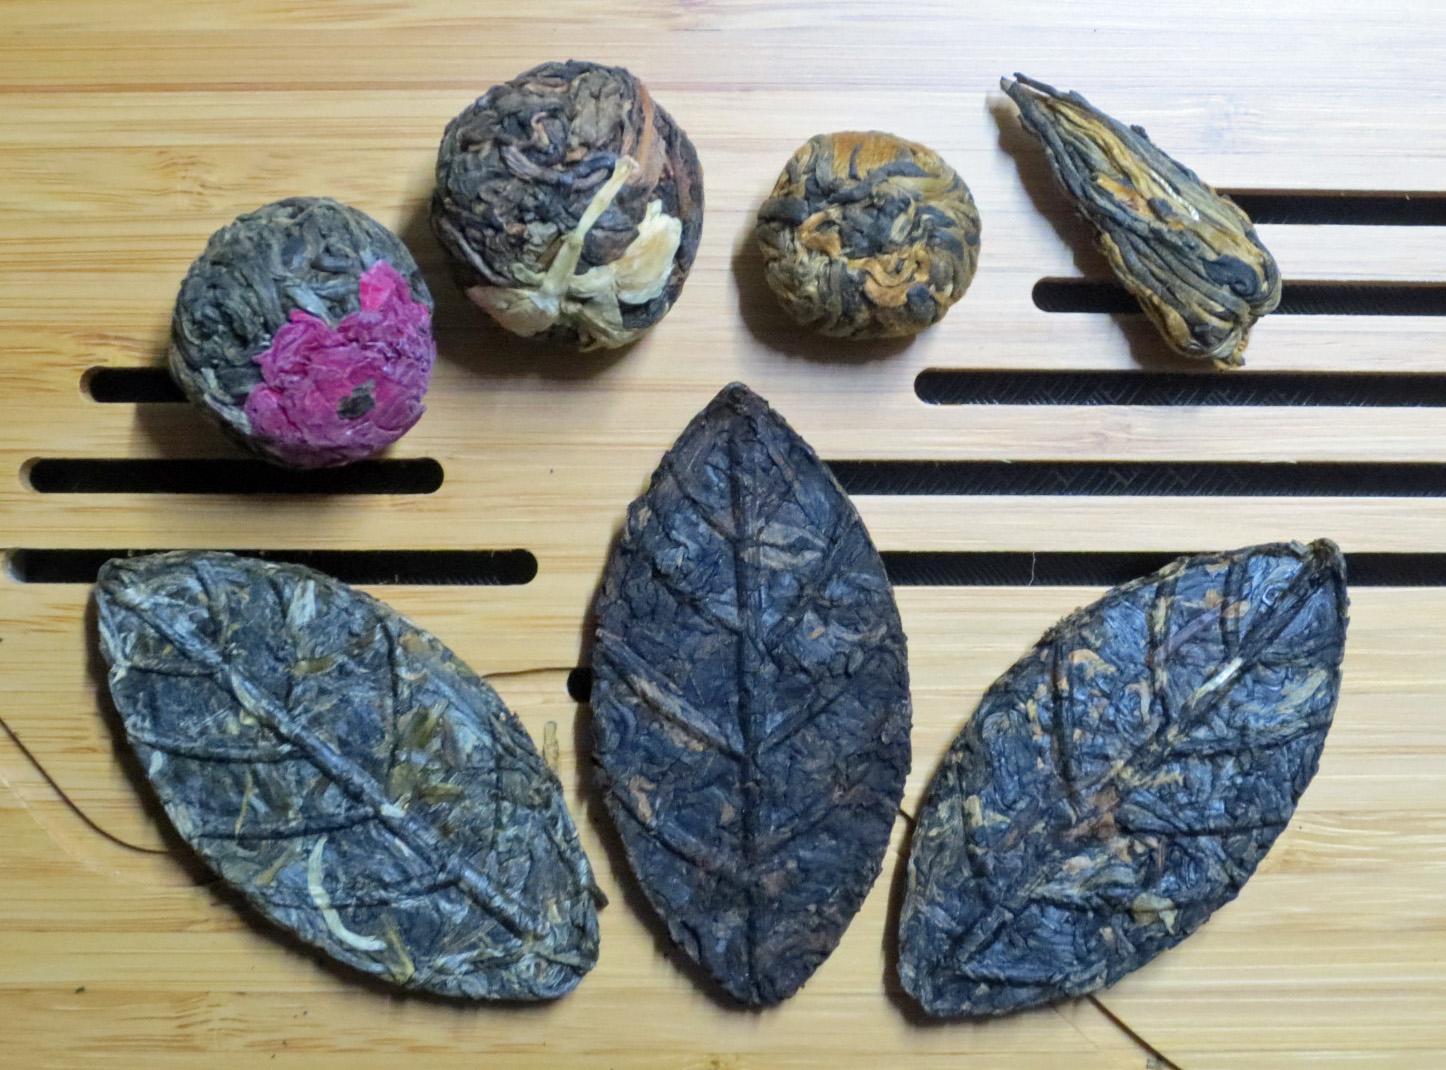 高級工芸茶7種類プーアル茶4種類・紅茶3種類)